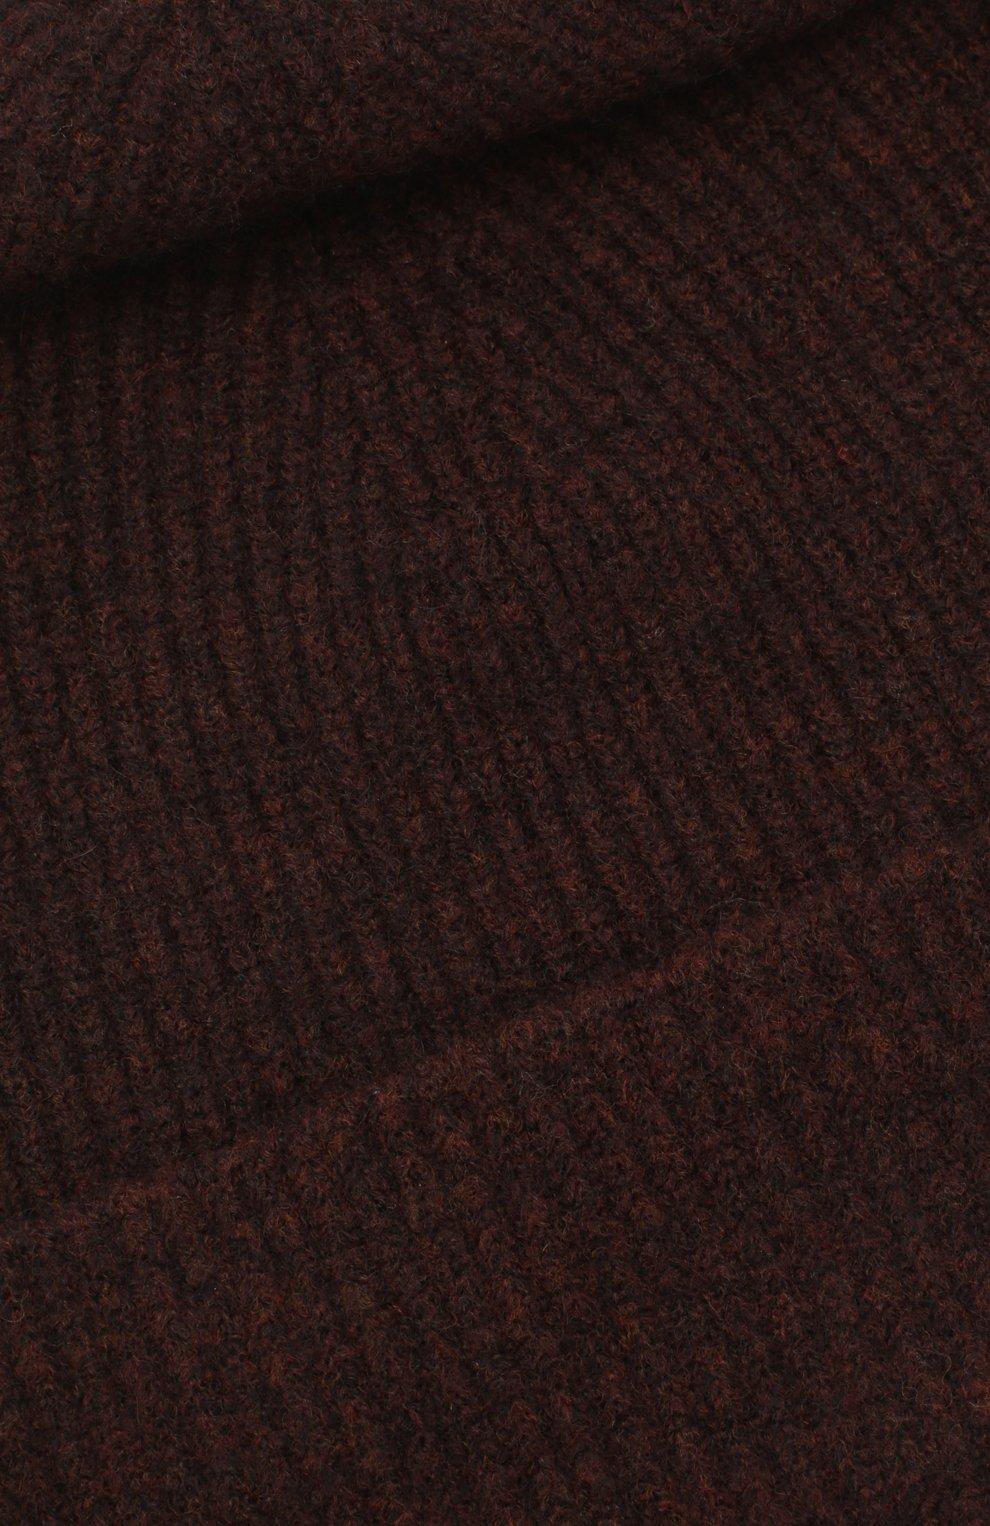 Женская шапка ALLUDE темно-коричневого цвета, арт. 205/65030   Фото 3 (Материал: Текстиль, Шерсть)